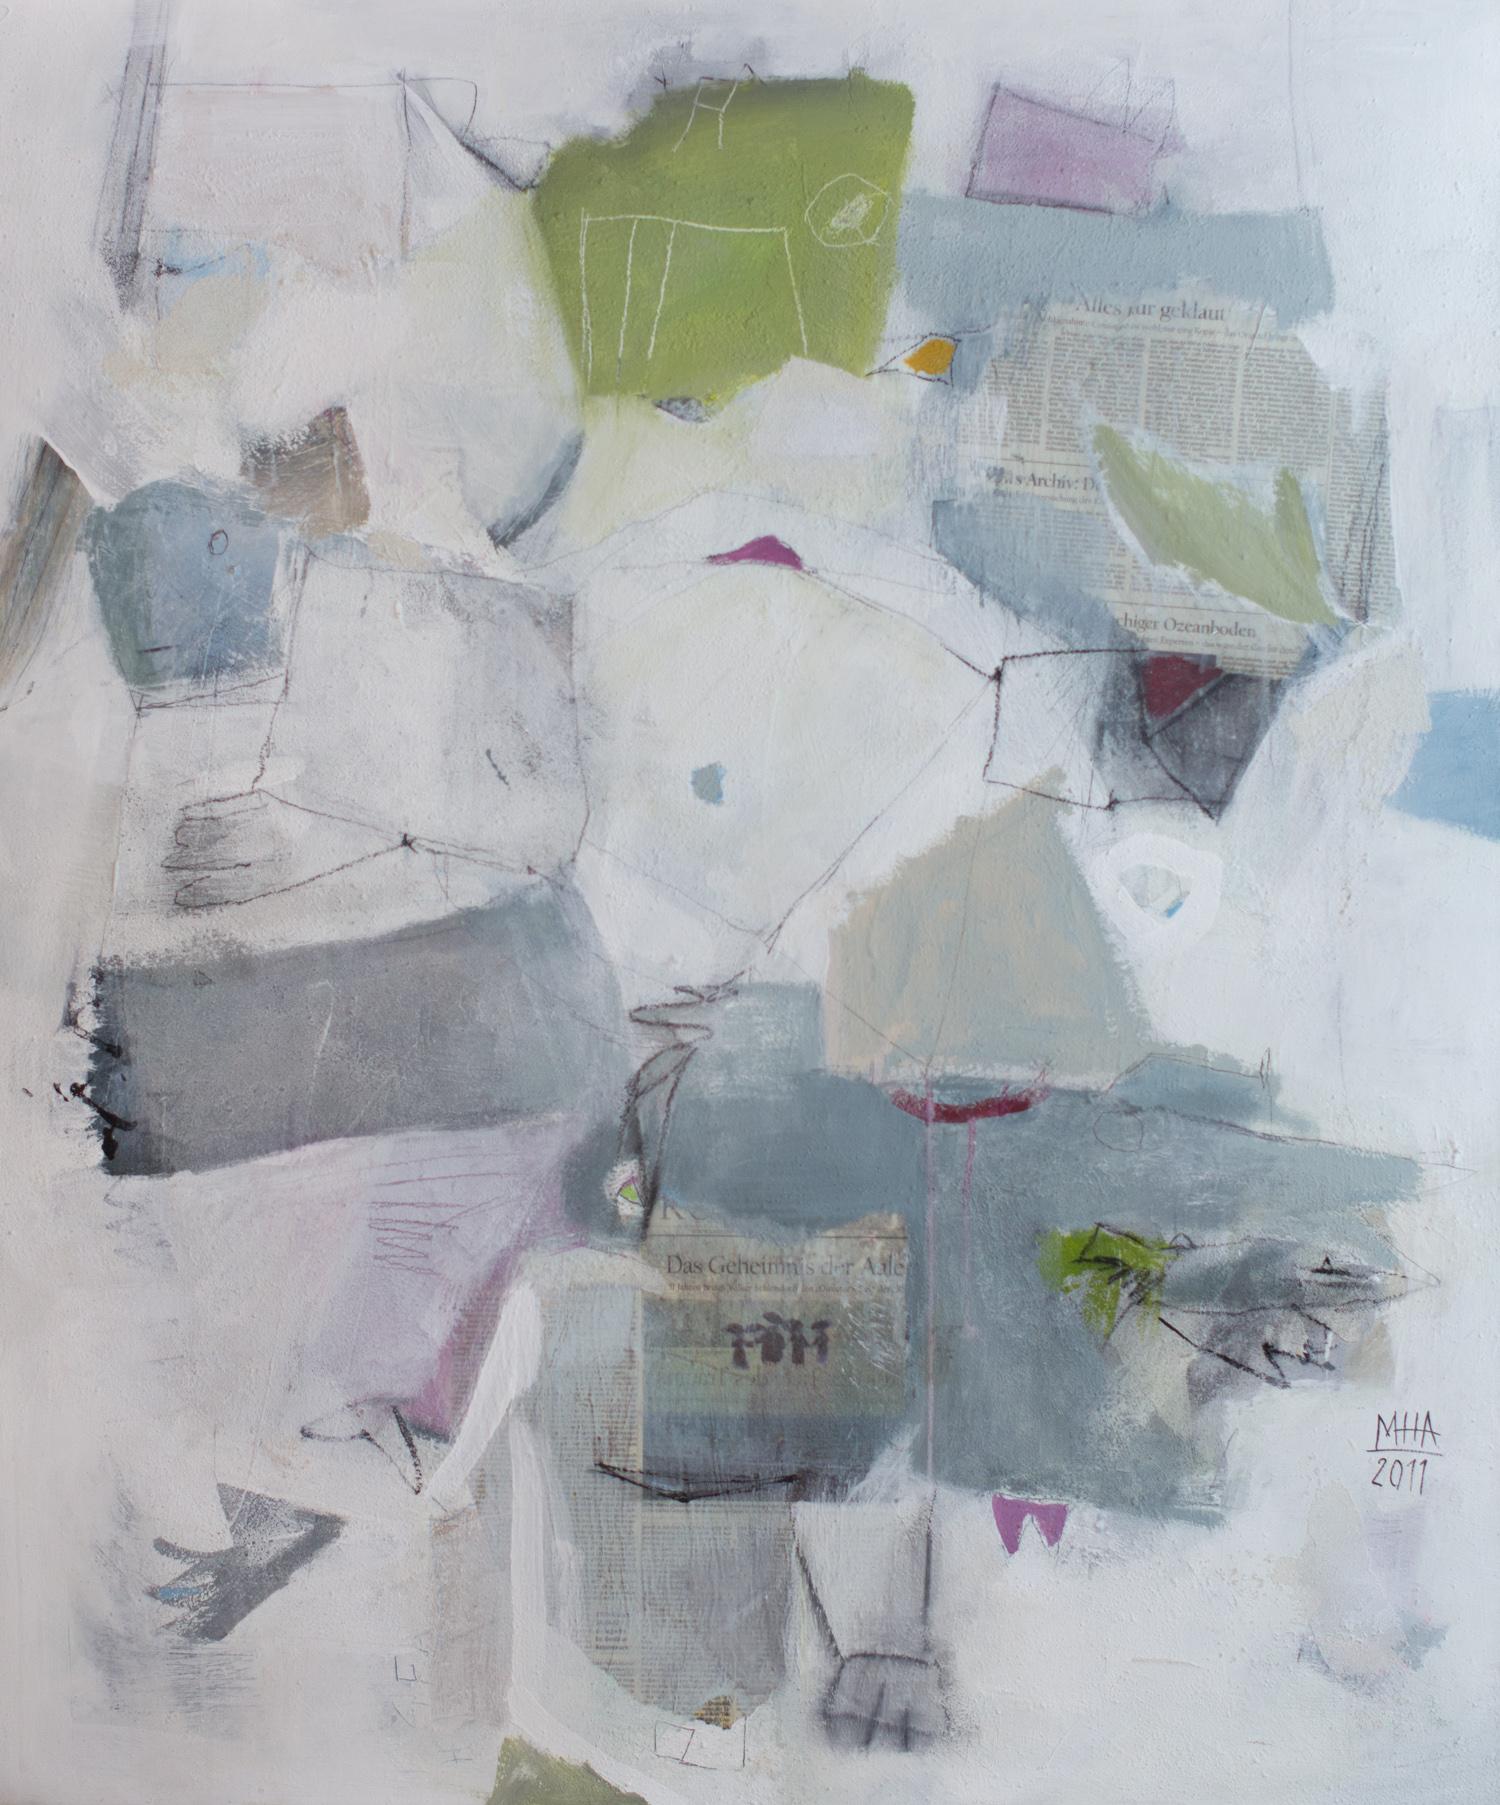 Geheimnis ,2011,Collage mit Acryl auf Leinwand, 100x120 cm